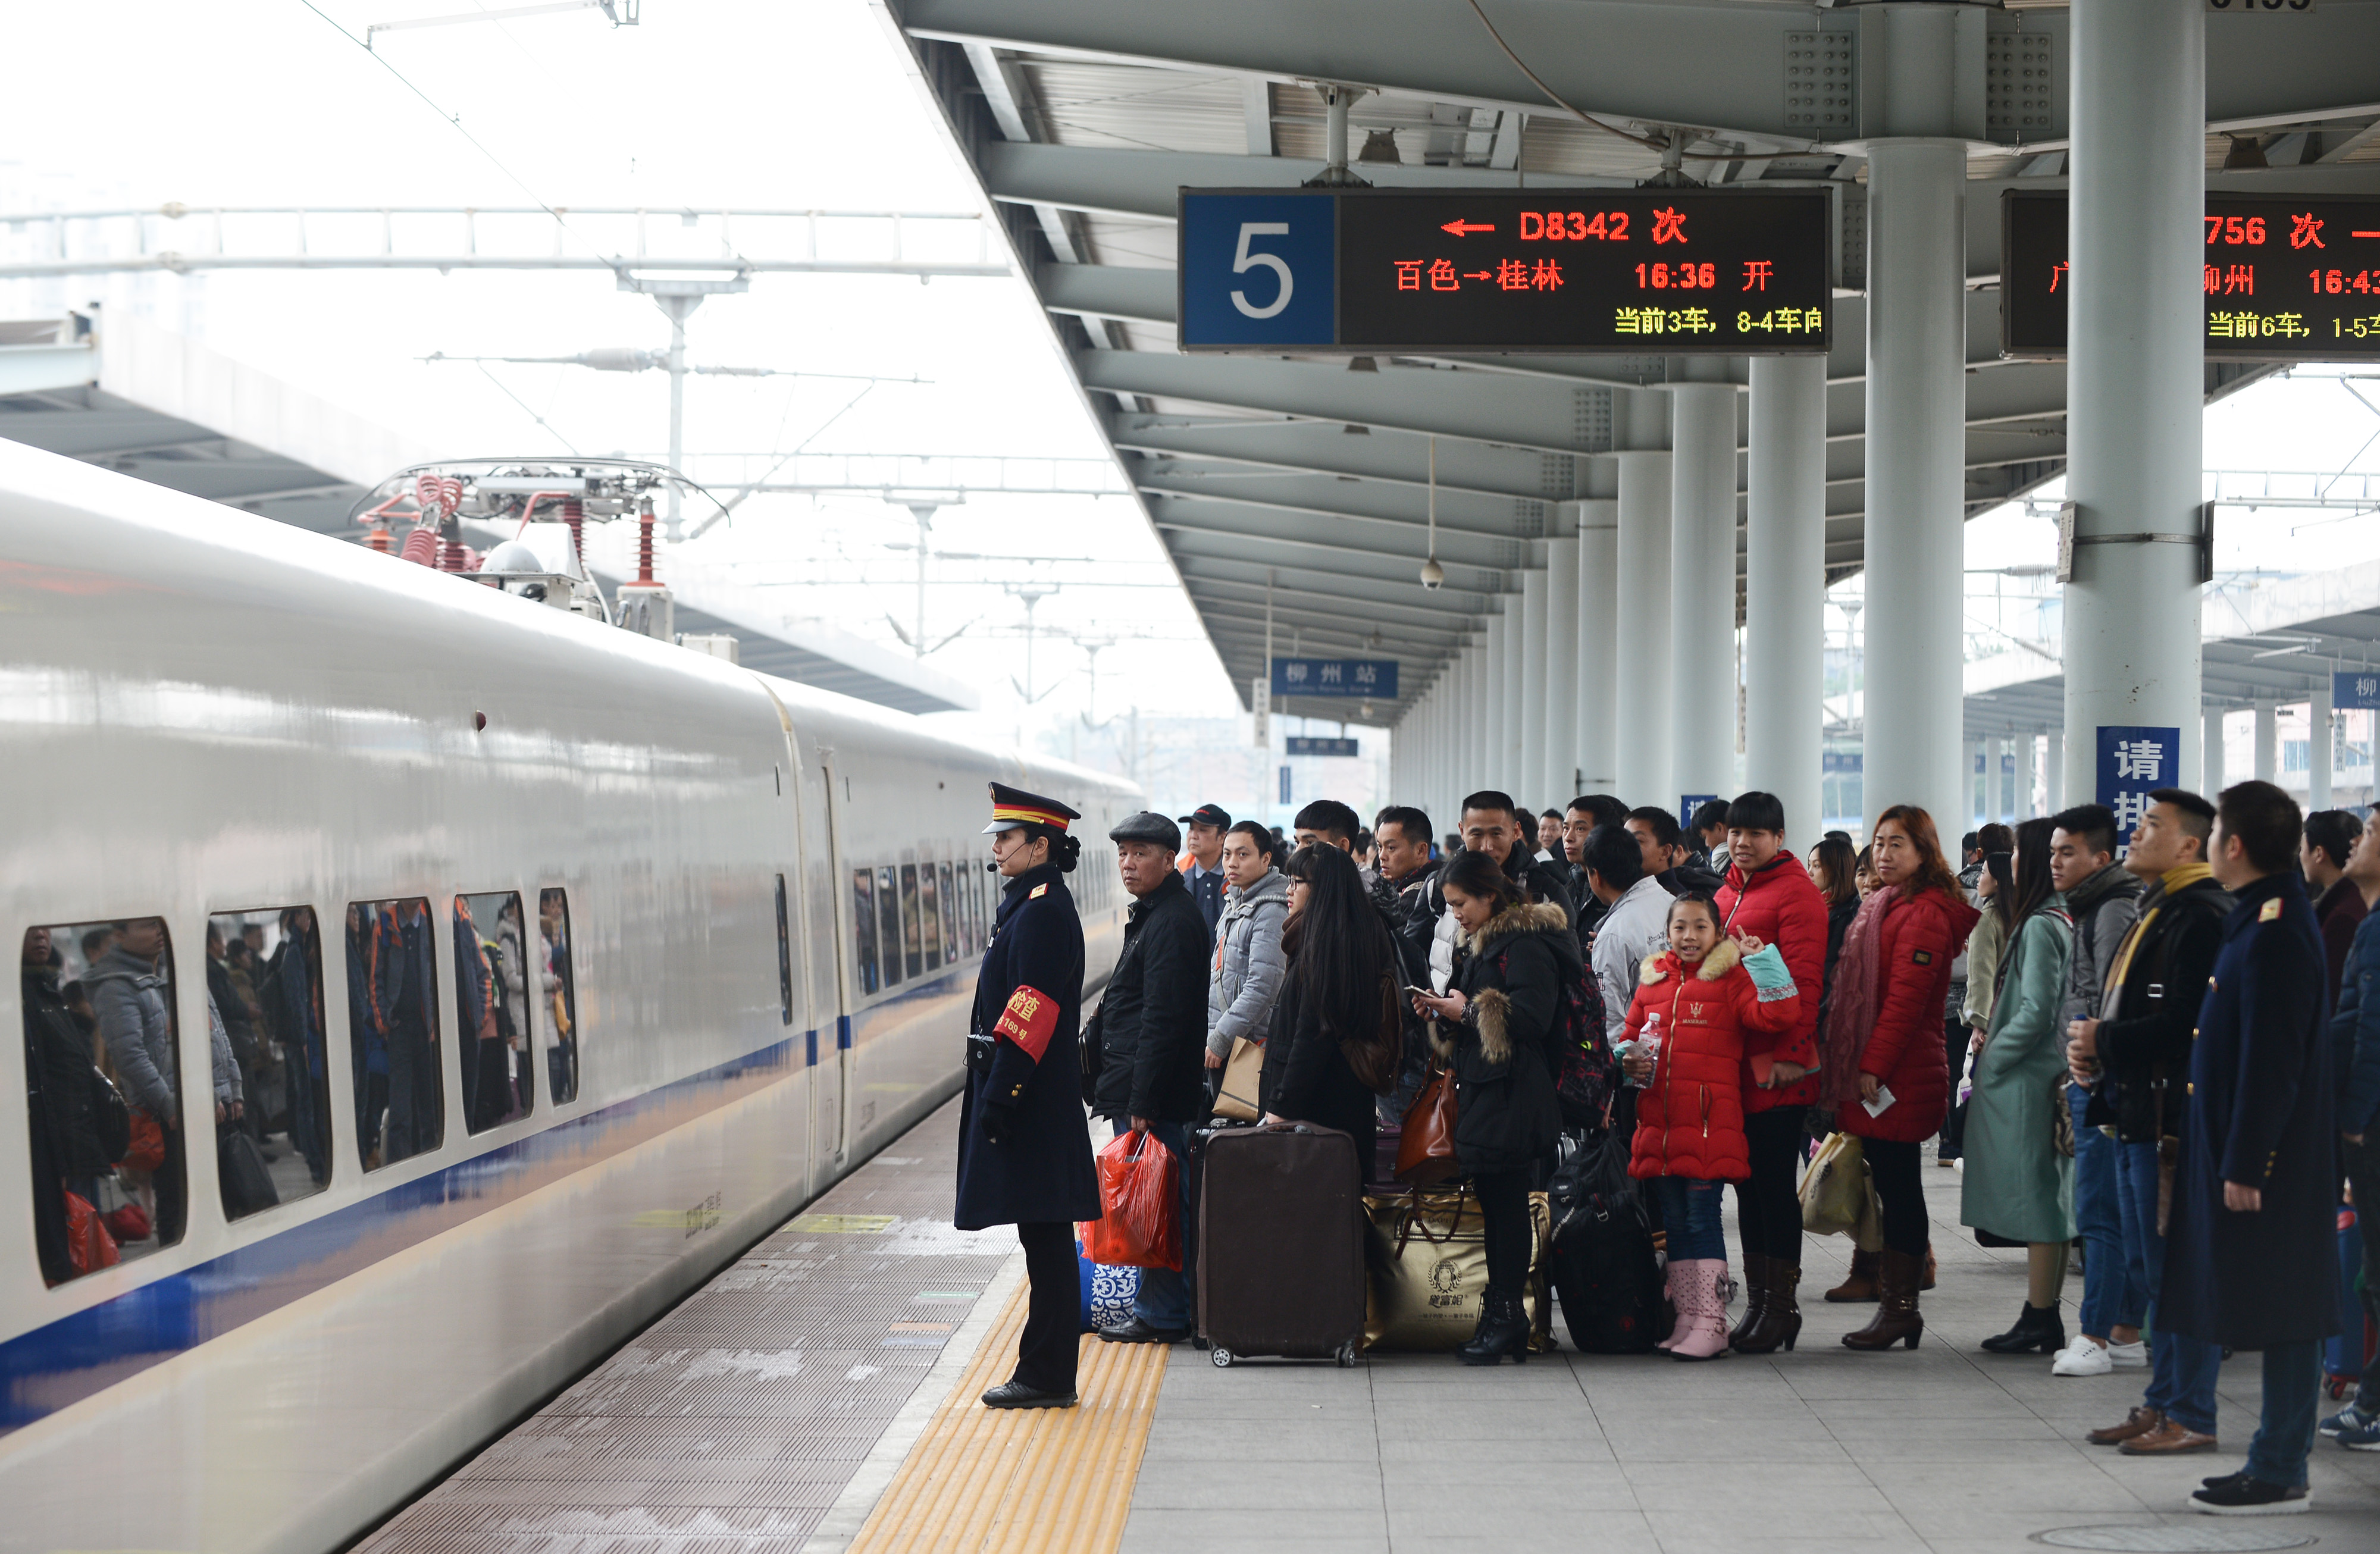 新华社上海1月14日新媒体专电(记者贾远琨)1月13日,2017年春运大幕拉开。对于旅客而言,春运就是回家的路,寄托着思念与期盼。在往年,票难买吃饭贵黄牛倒票等给回家的路添了不少堵,成为旅客的集中吐槽点。2017年春运,旅客能否顺利买到回家的票,千里回家路上是否轻松愉悦,往年的那些槽点如何解决?